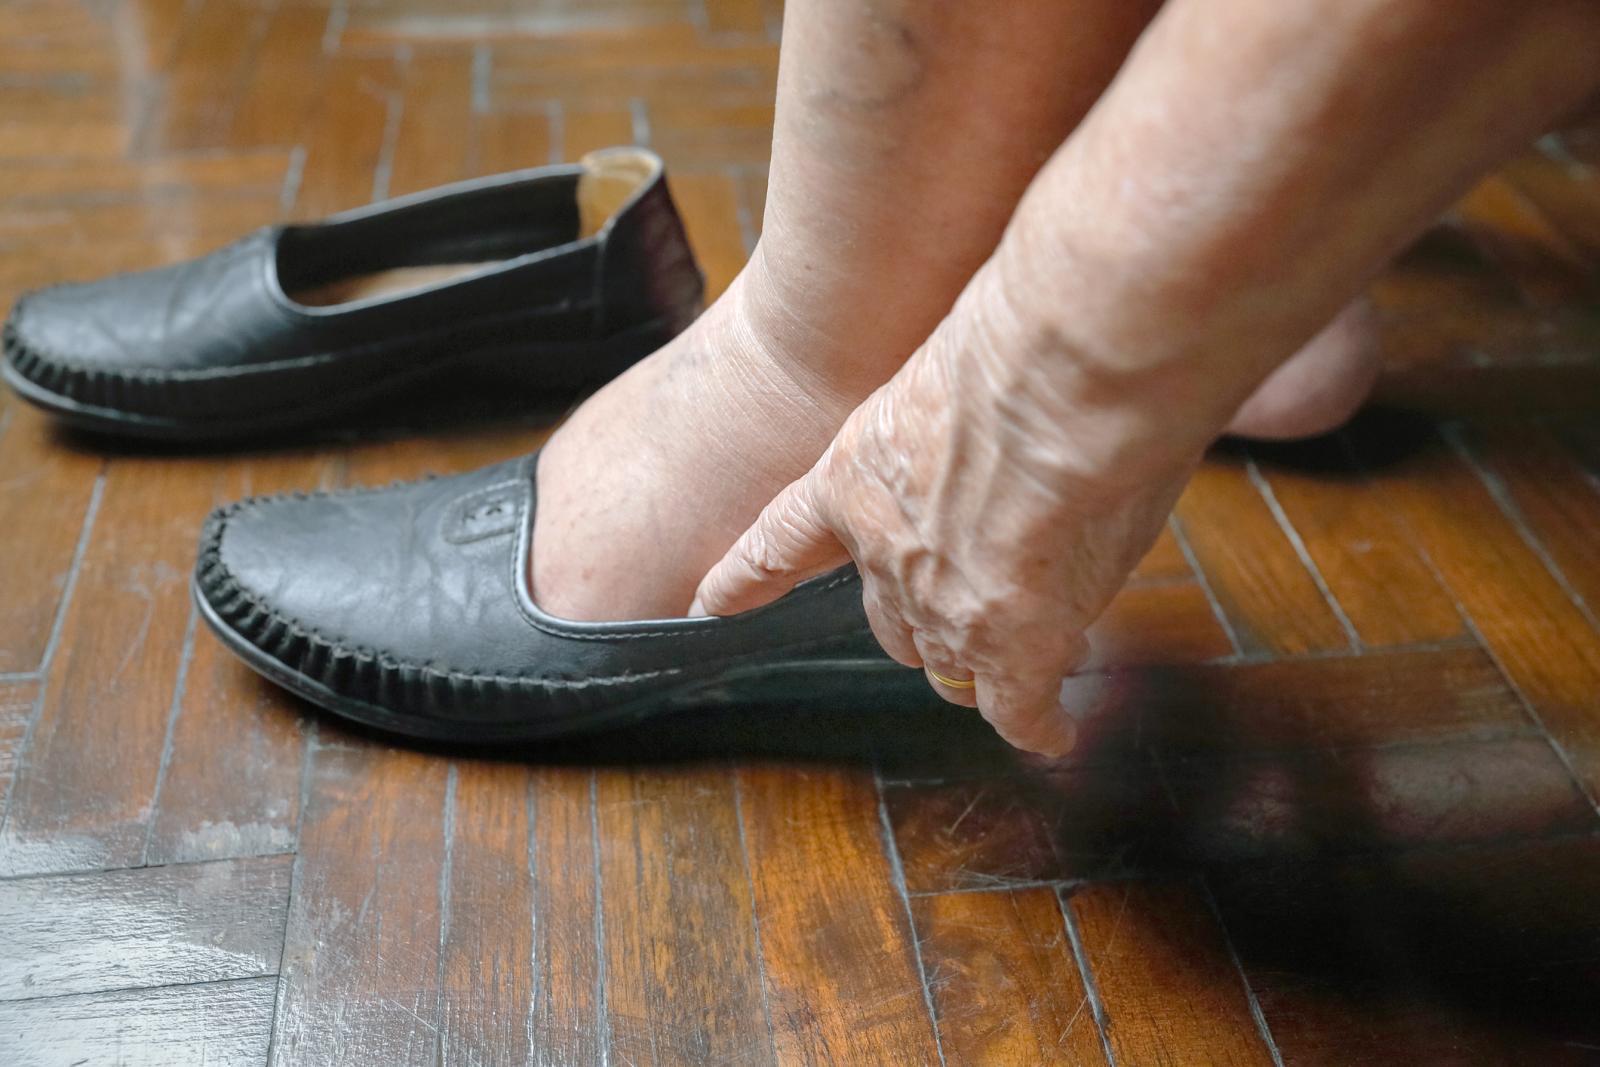 piernas y pies hinchados y morados